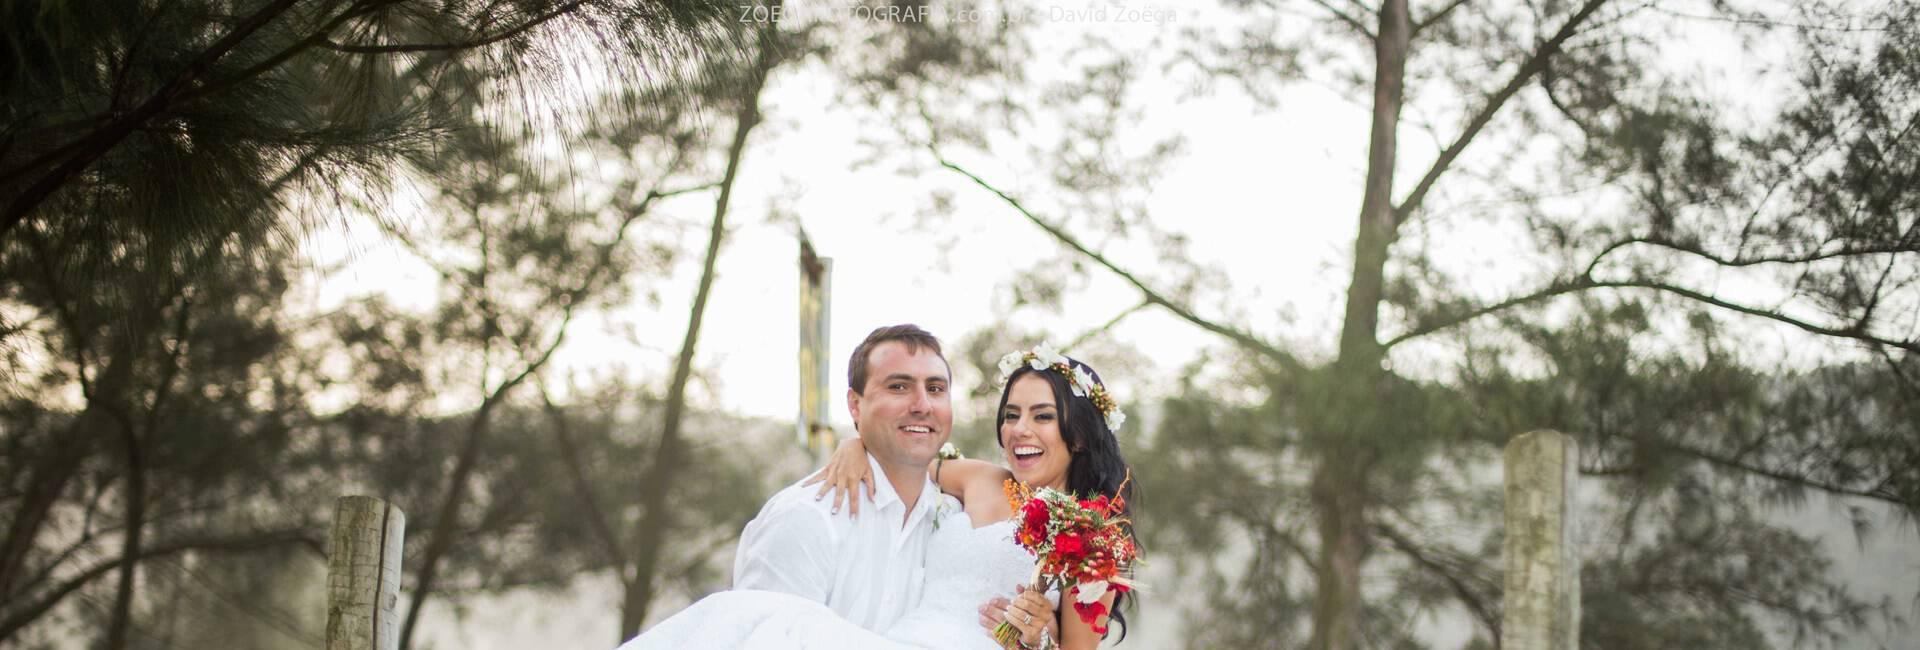 Casamentos de Camila + Chase